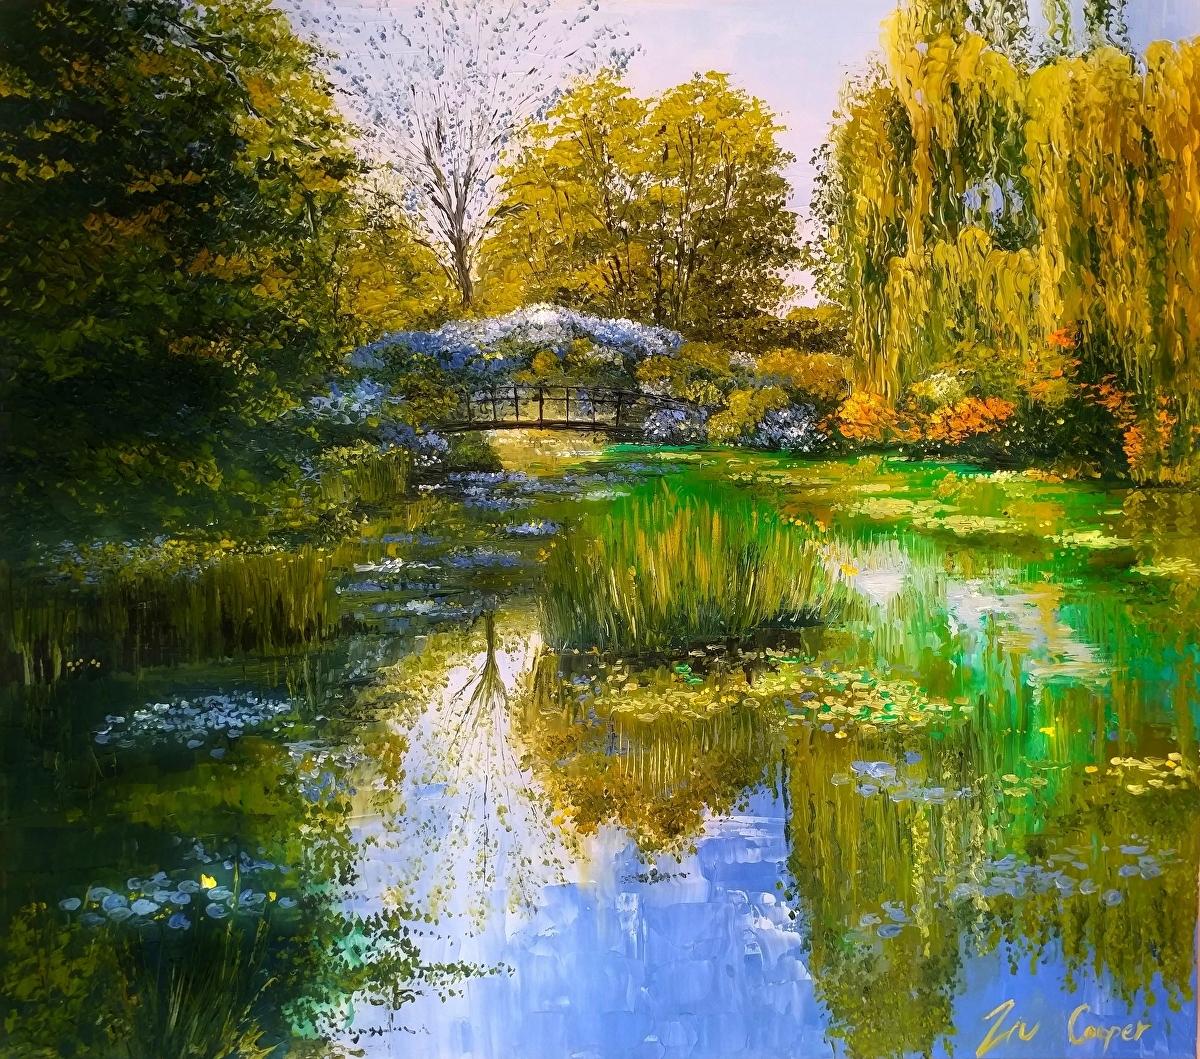 Ziv Cooper - Water Lilies